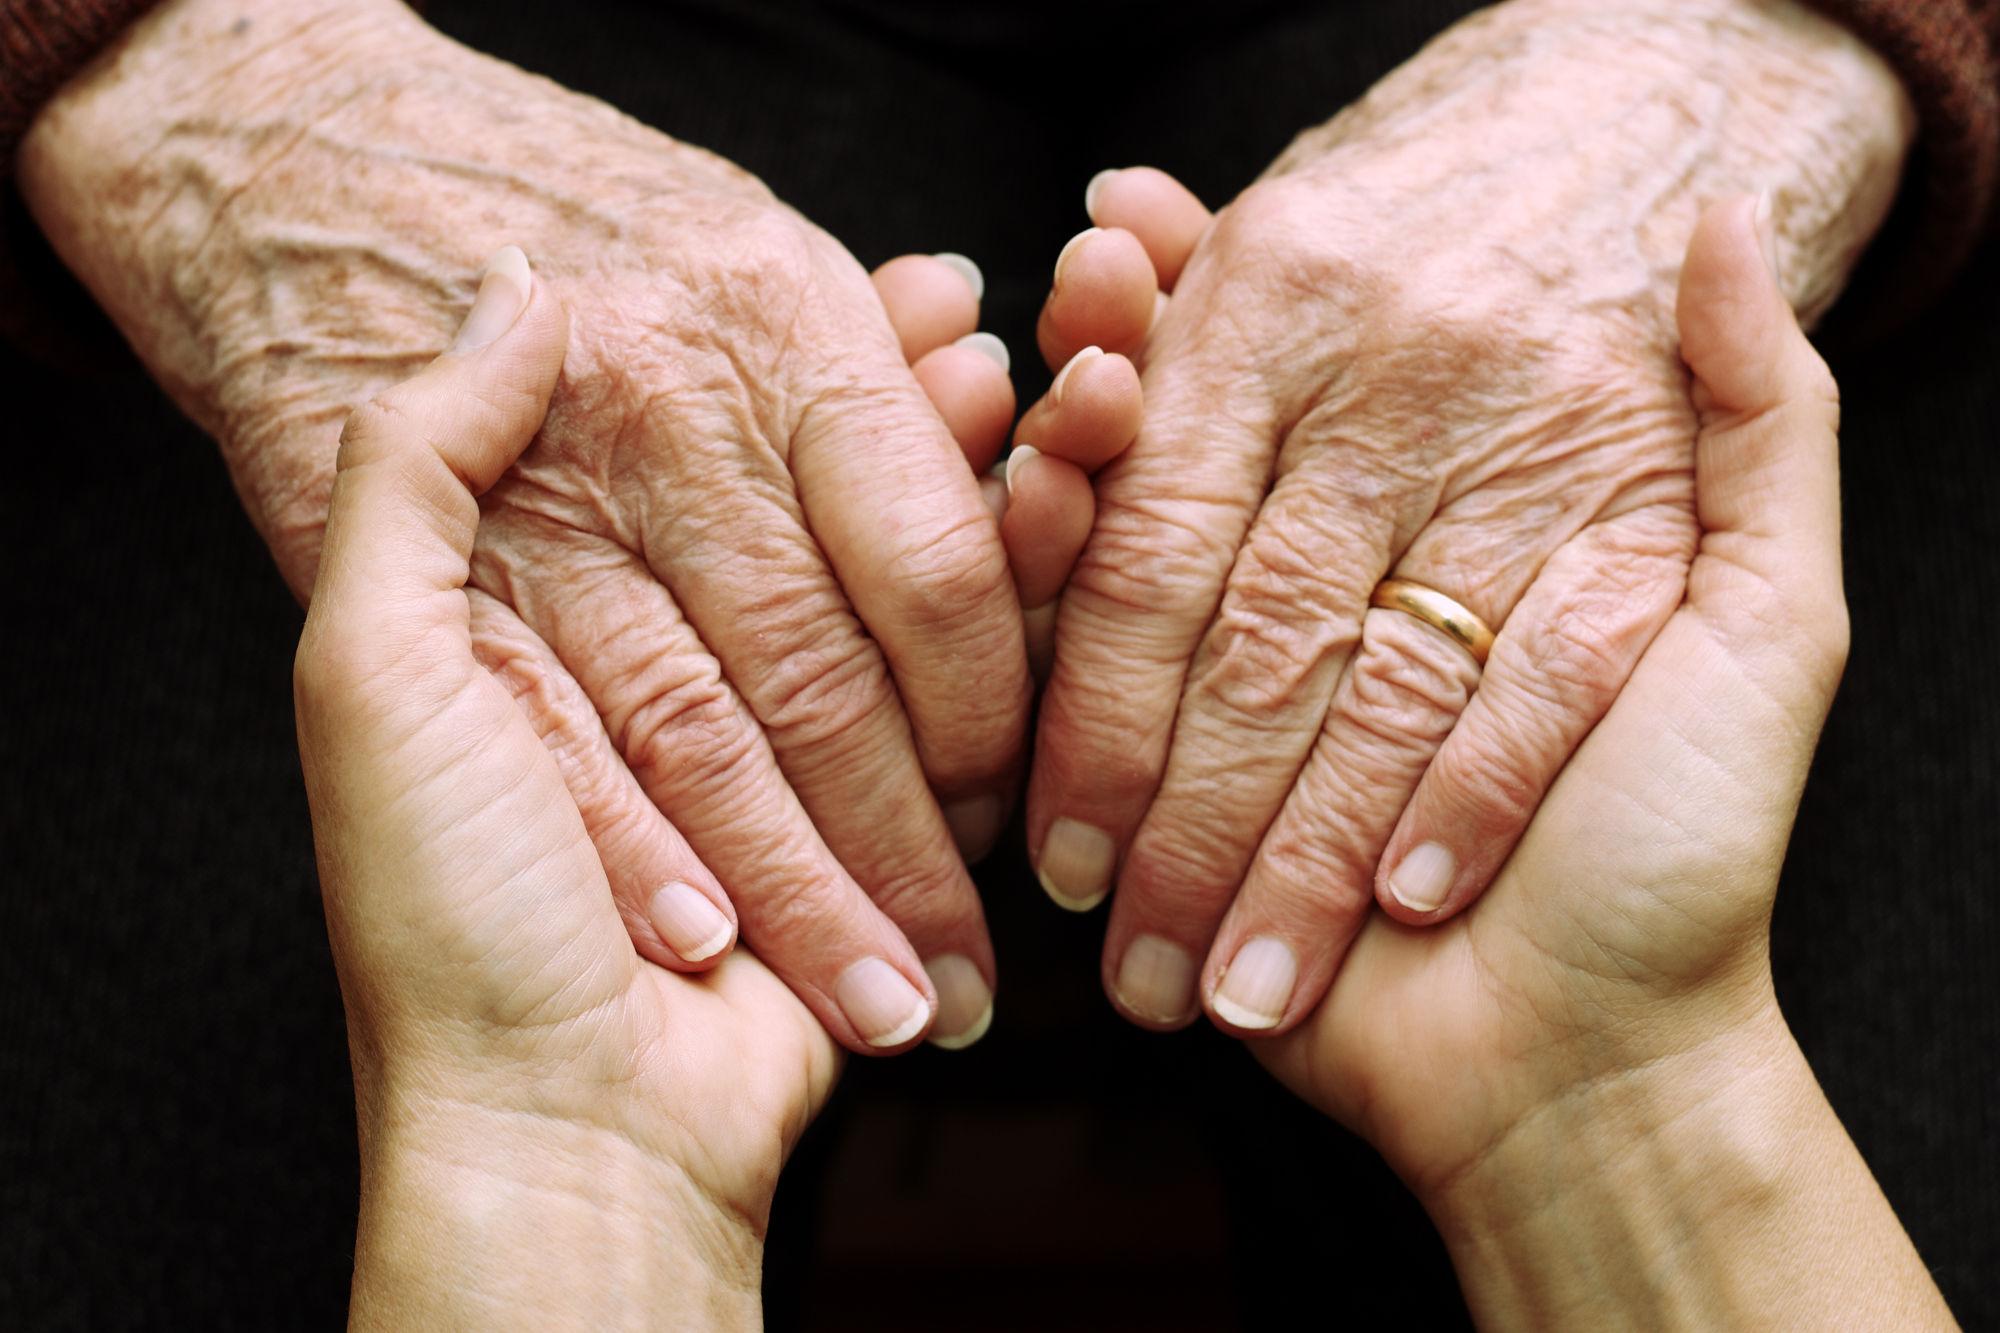 Co prozradí nehty na ruce?